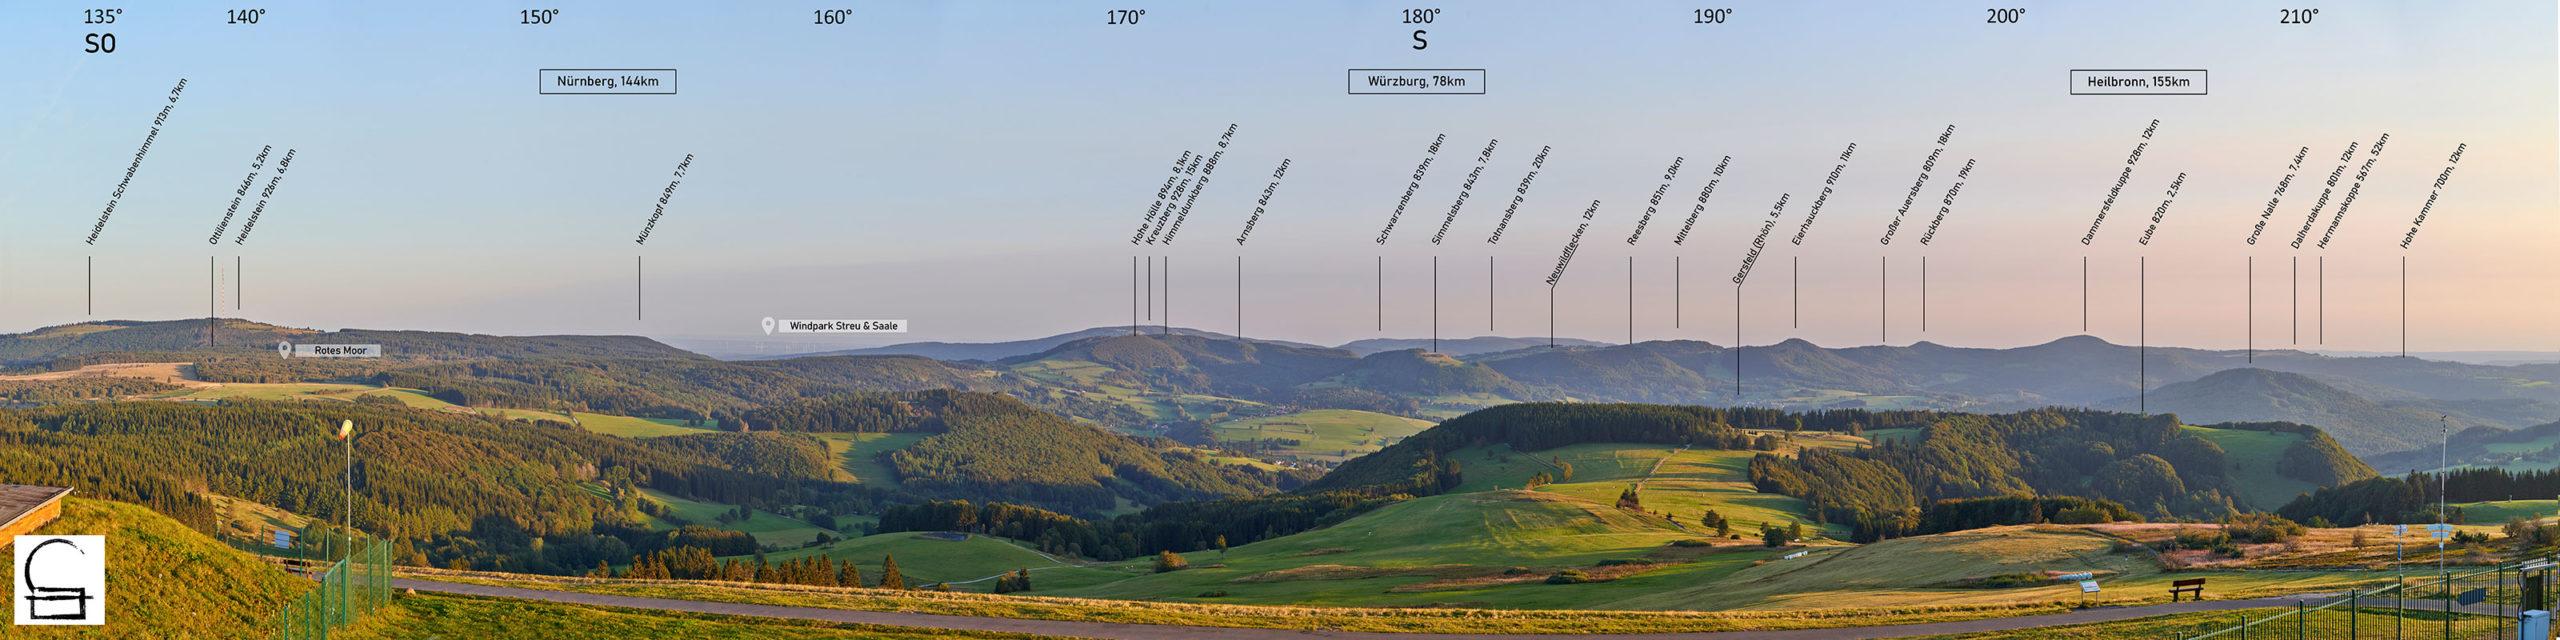 Radom-Panorama: Süd